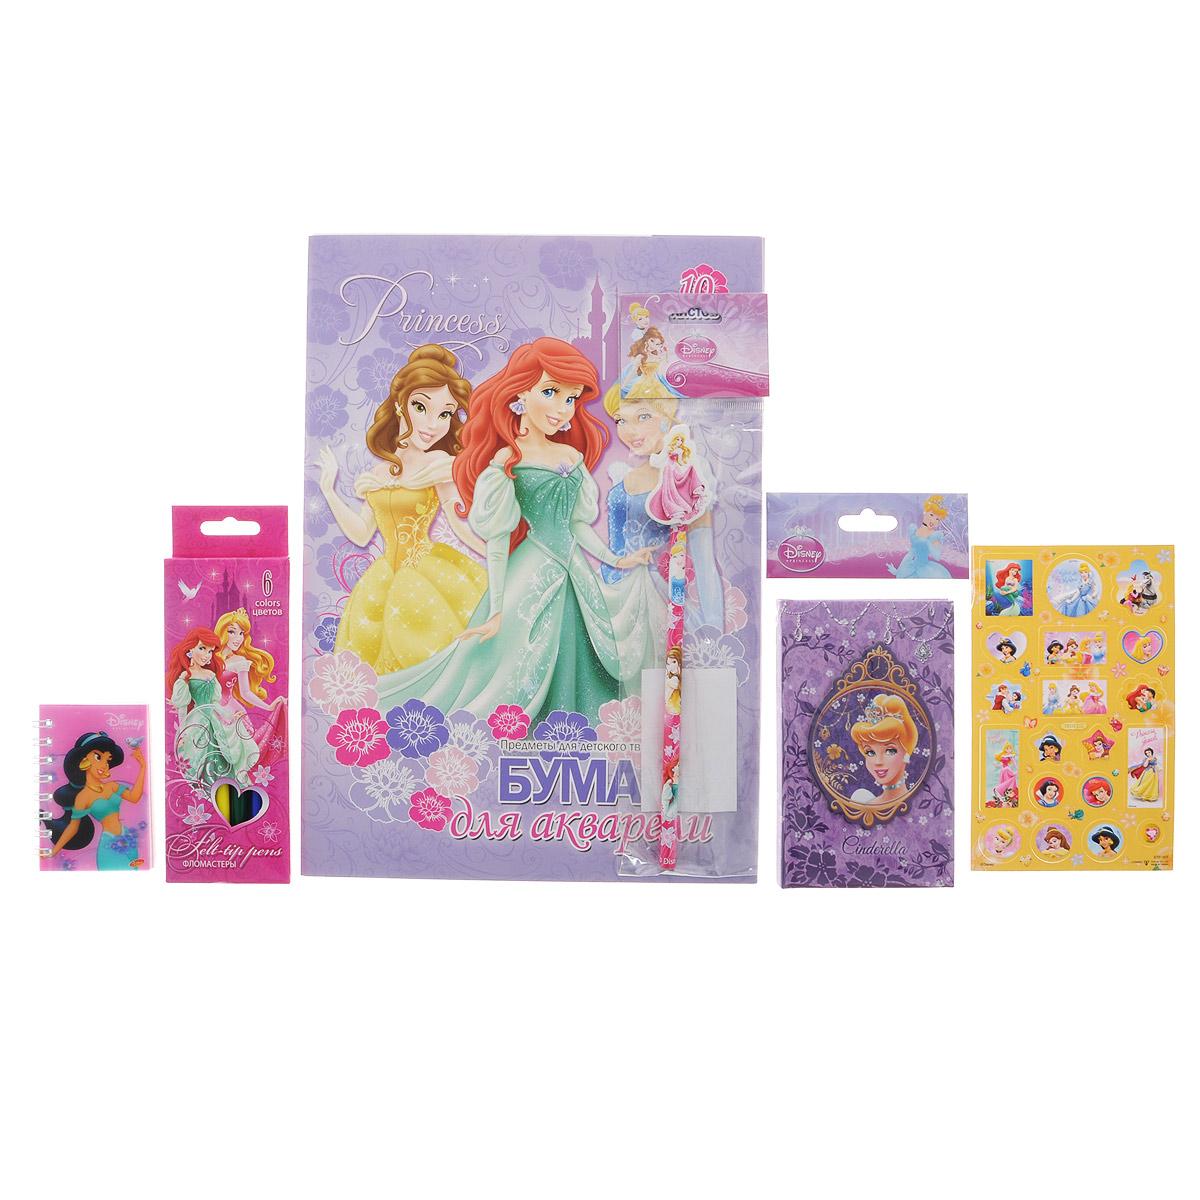 Канцелярский набор Disney Princess. PRСZ-US1-AZ15-PVC72523WDКанцелярский набор Disney Princess станет незаменимым атрибутом в учебе любой школьницы.Он включает в себя 10 листов бумаги для акварели, чернографитный карандаш с ластиком, 6 фломастеров, телефонную книжку, лист с объемными стикерами и небольшой блокнотик на спирали.Все предметы набора оформлены изображениями диснеевских принцесс.УВАЖАЕМЫЕ КЛИЕНТЫ! Обращаем ваше внимание на возможные изменения в дизайне предметов набора, связанные с ассортиментом продукции. Поставка осуществляется в зависимости от наличия на складе.